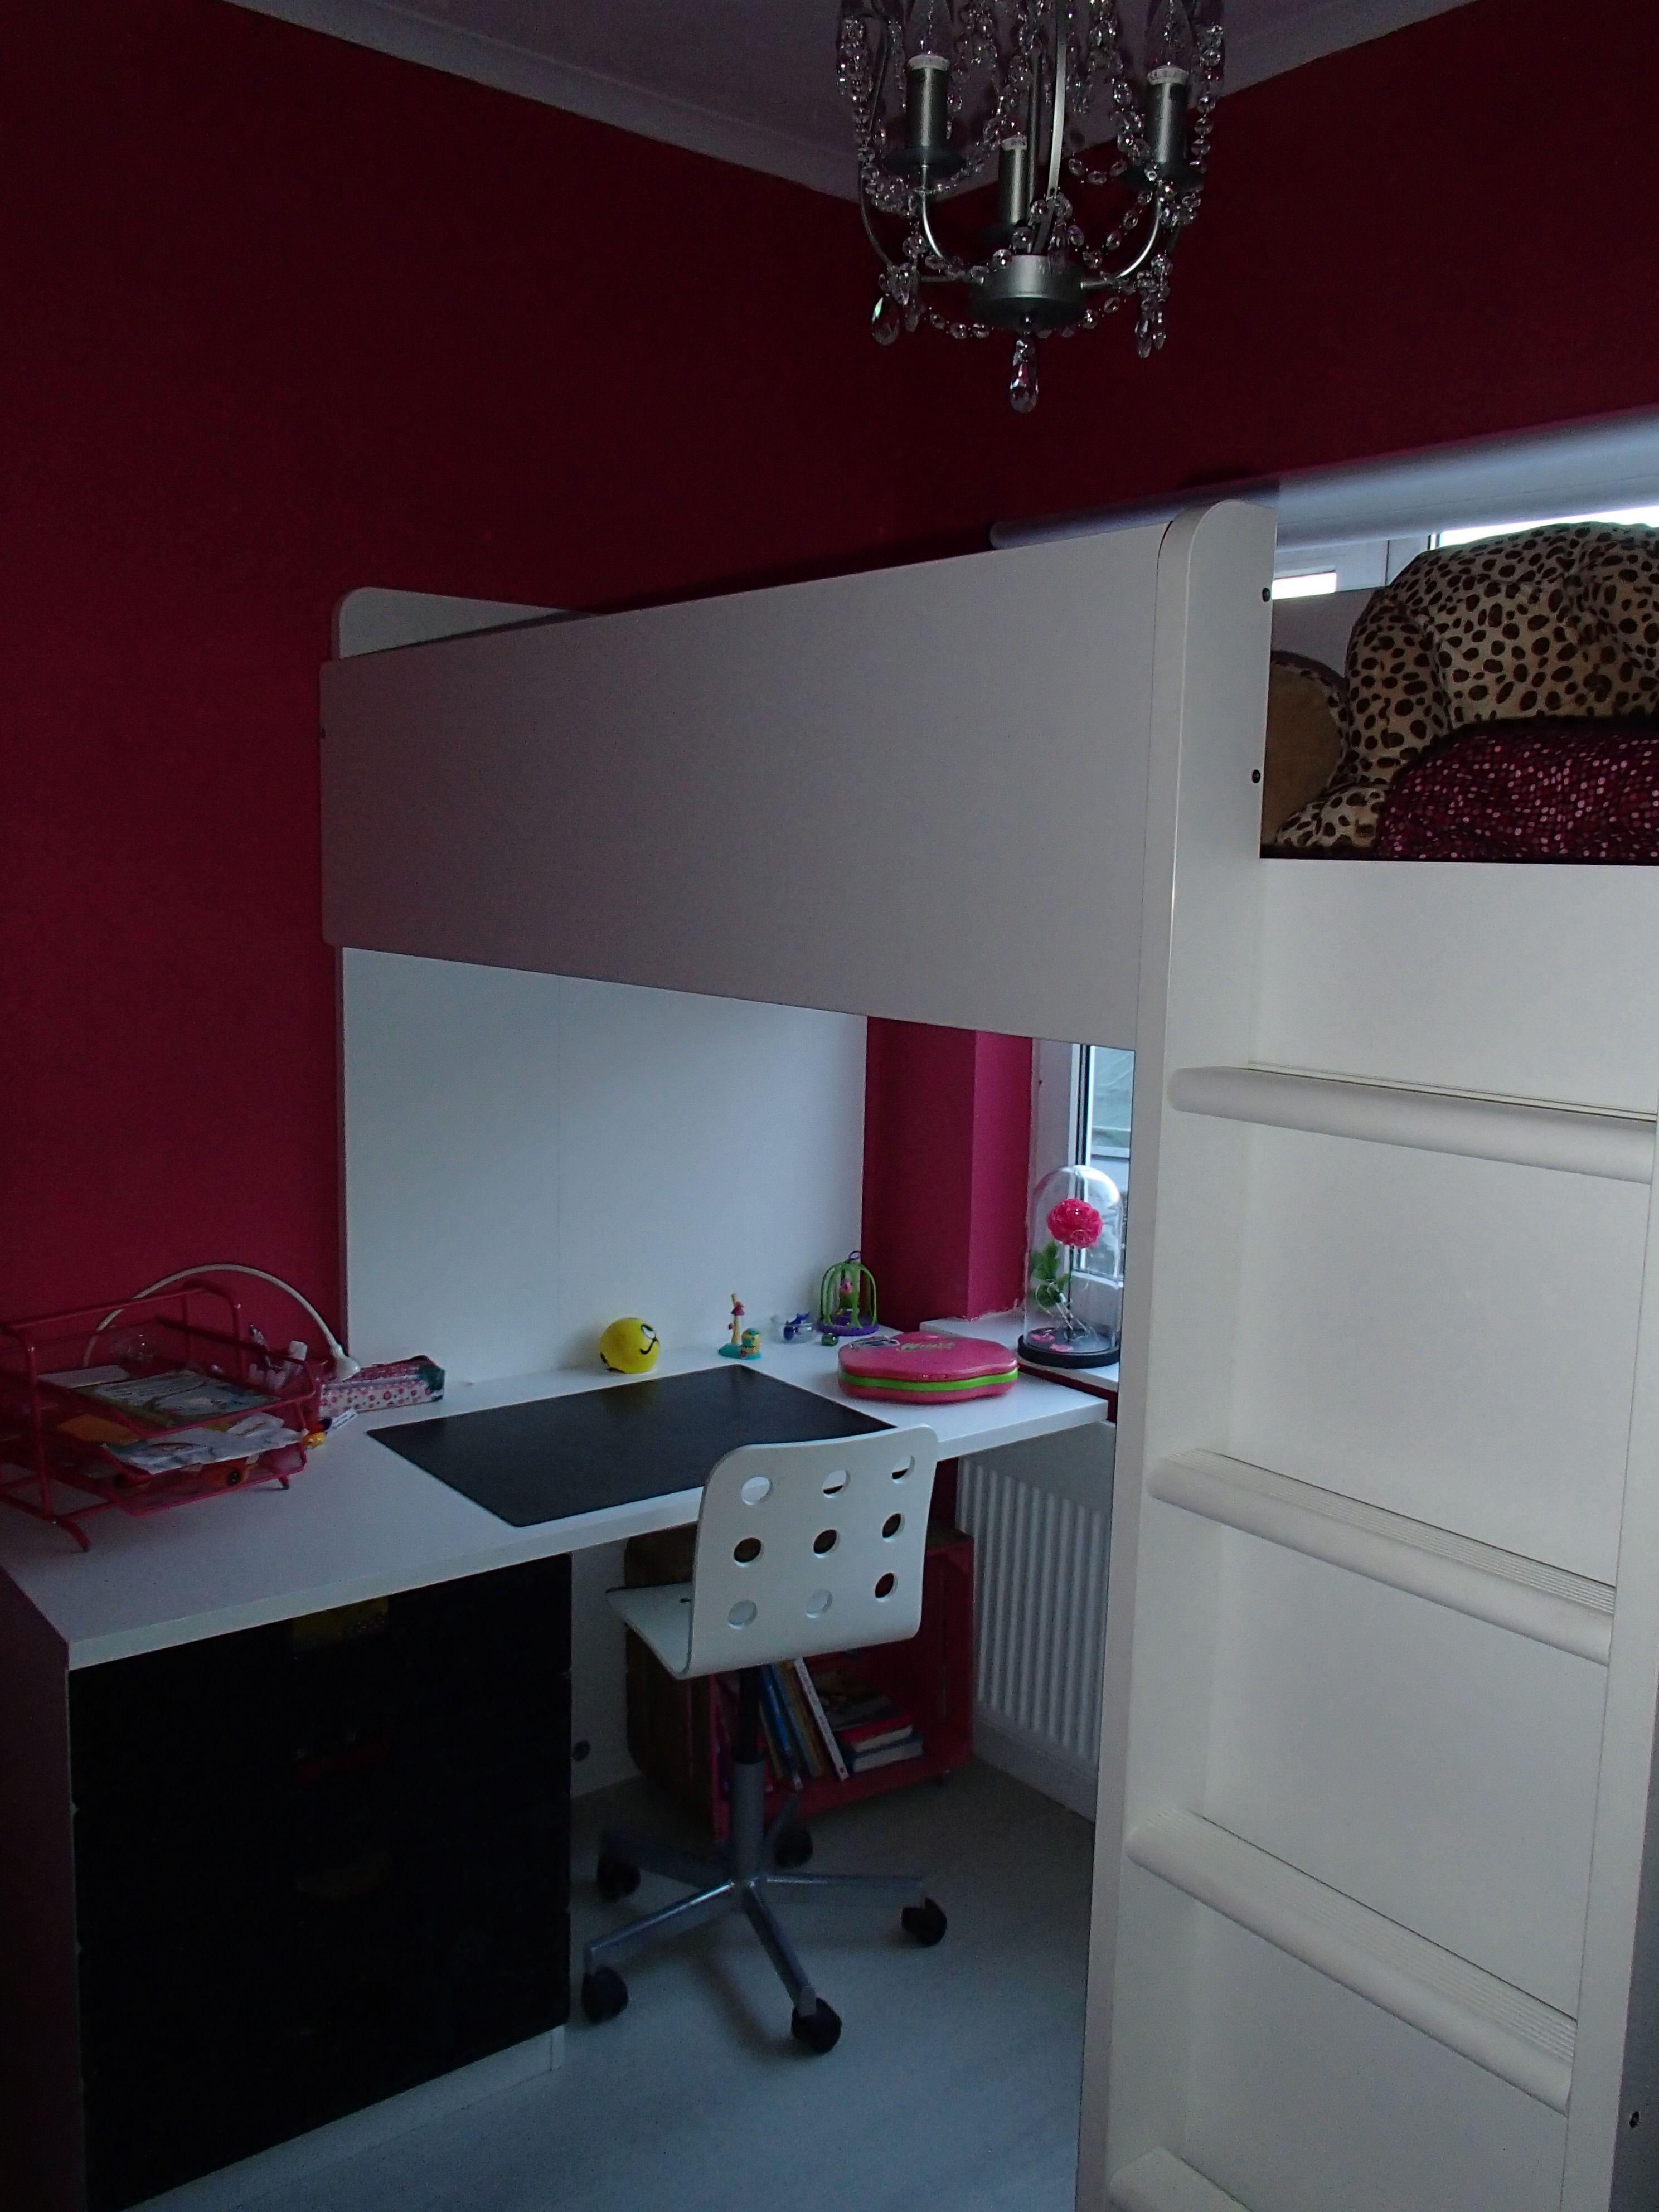 Meisjes kamer stoer 7 rozen meiden kamer ikea hoogslaper met bureau verhuis kamer janne - Tiener meisje mezzanine slaapkamer ...